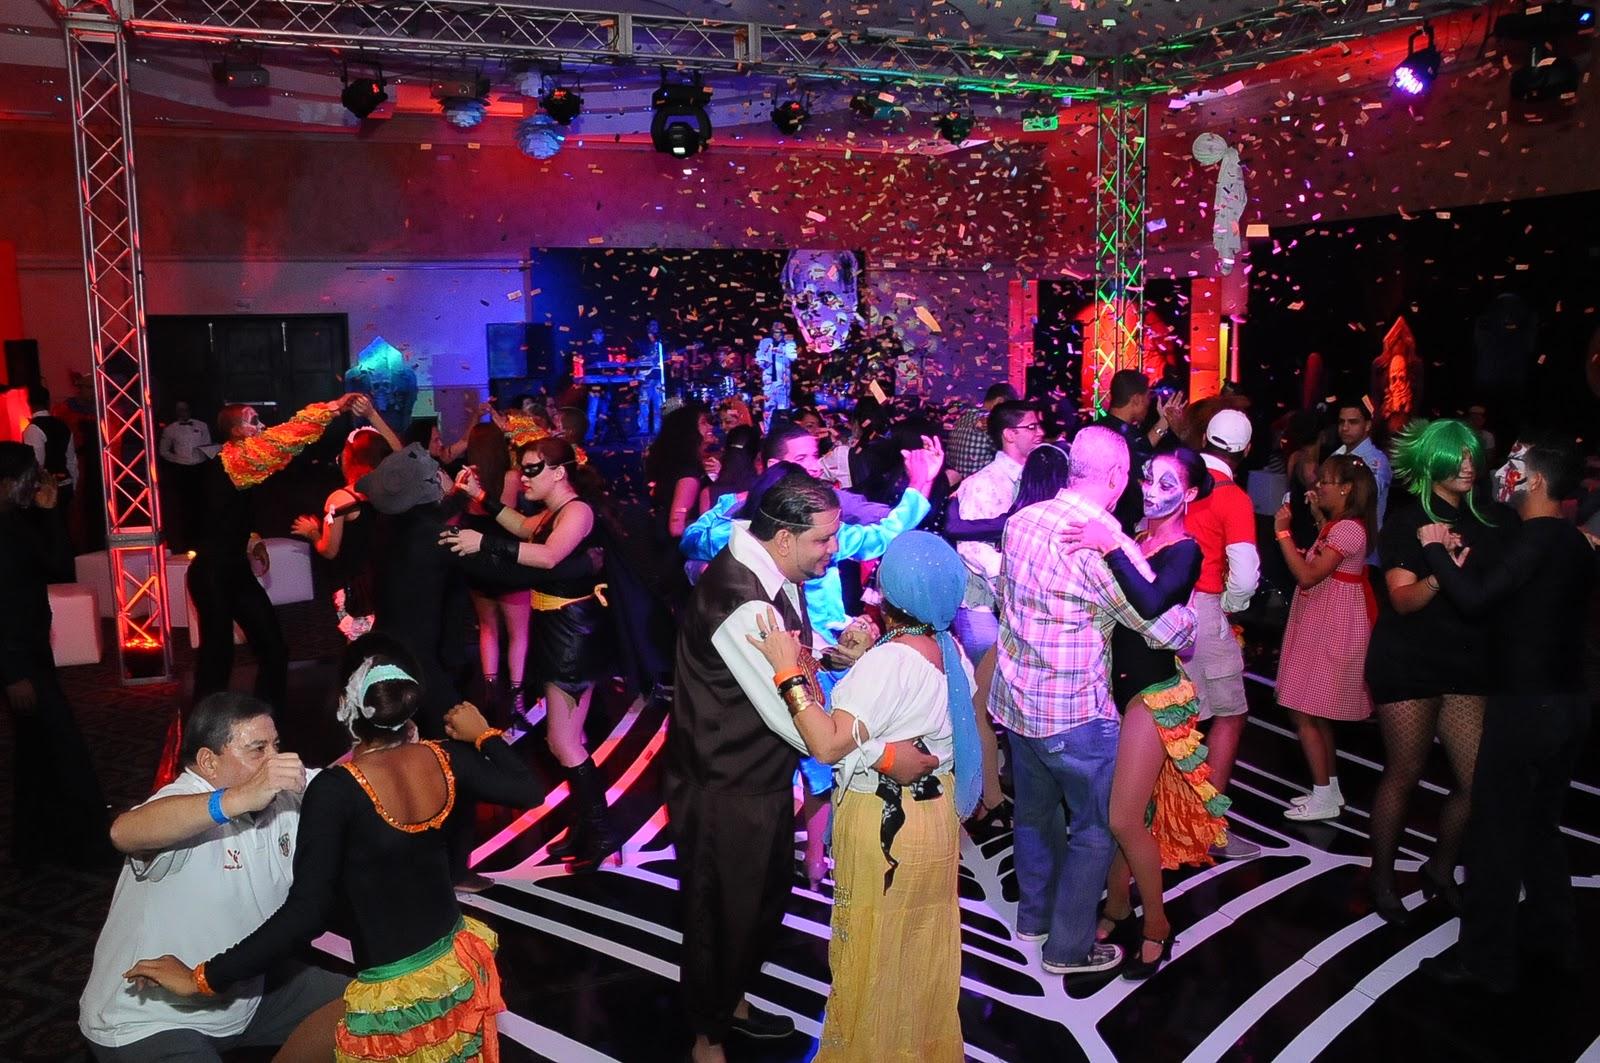 Asombroso Halloween Fiesta De Disfraces Embellecimiento - Vestido de ...